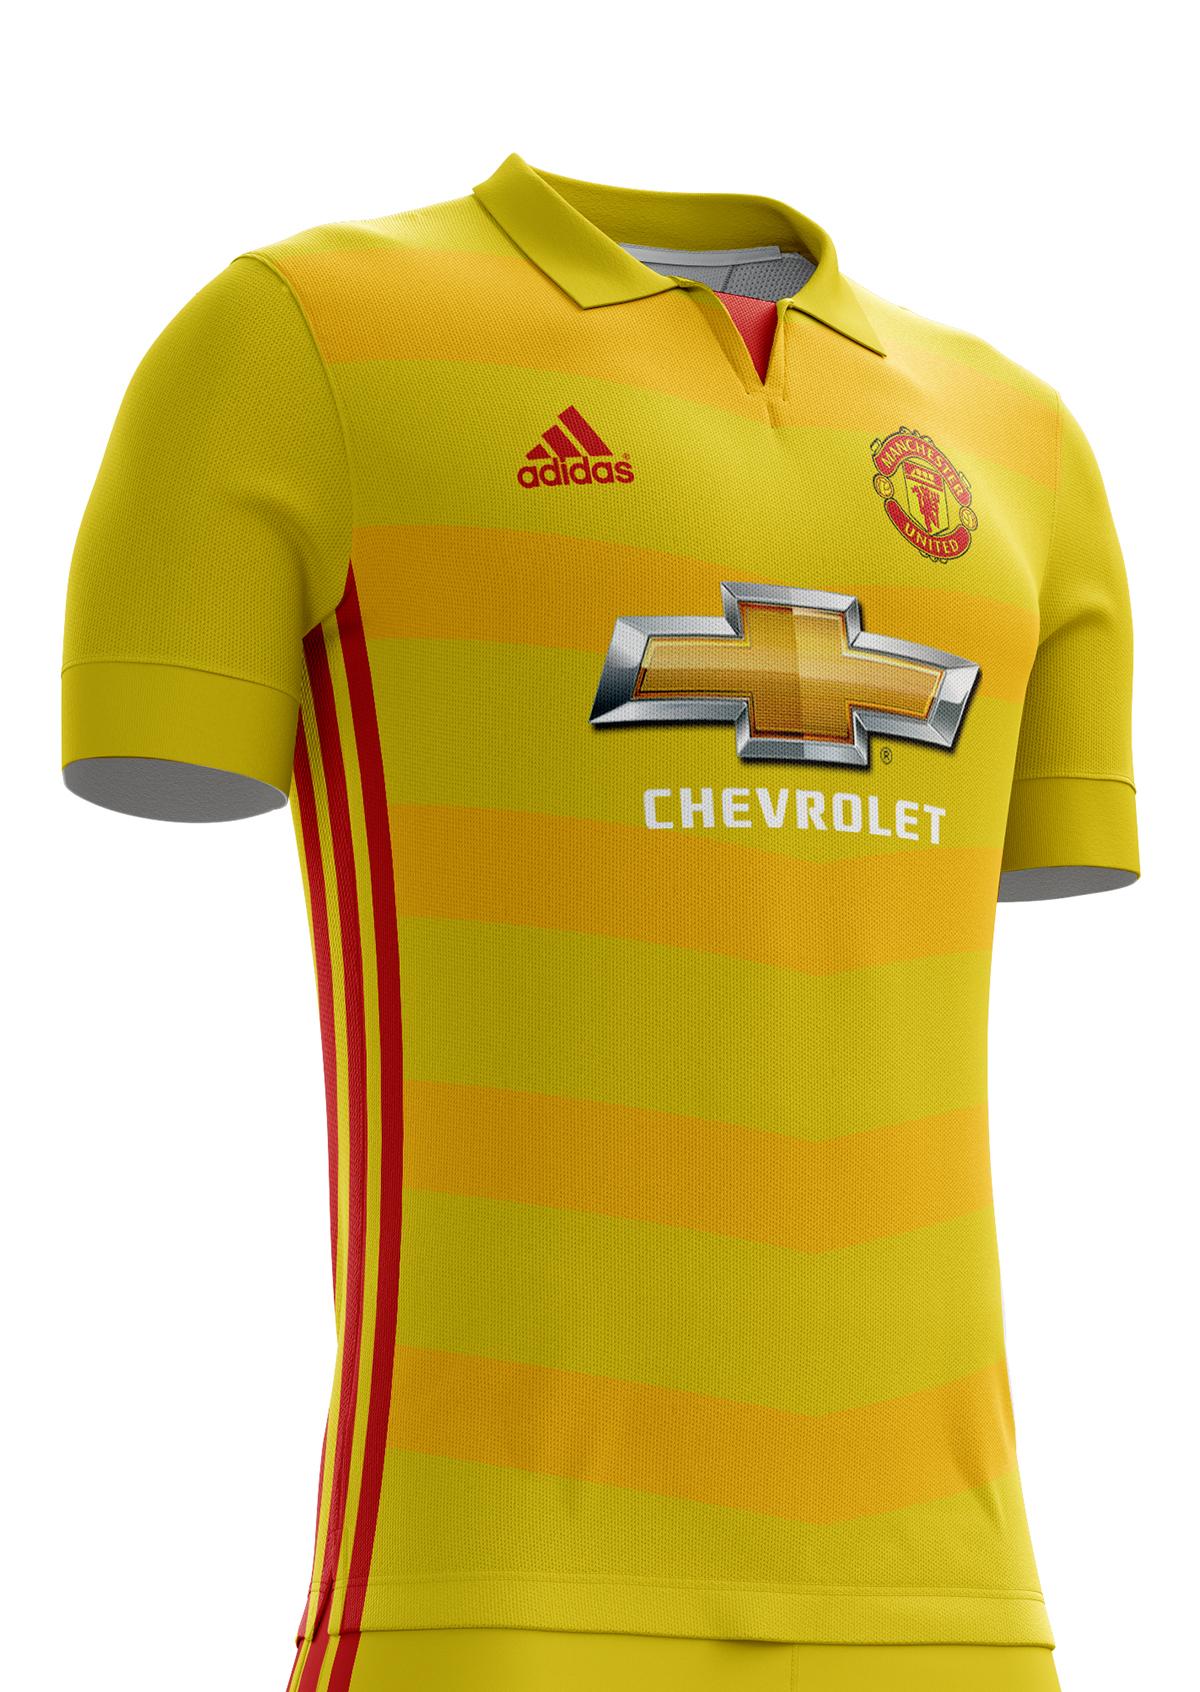 Manchester United Football Kit 16 17 On Behance